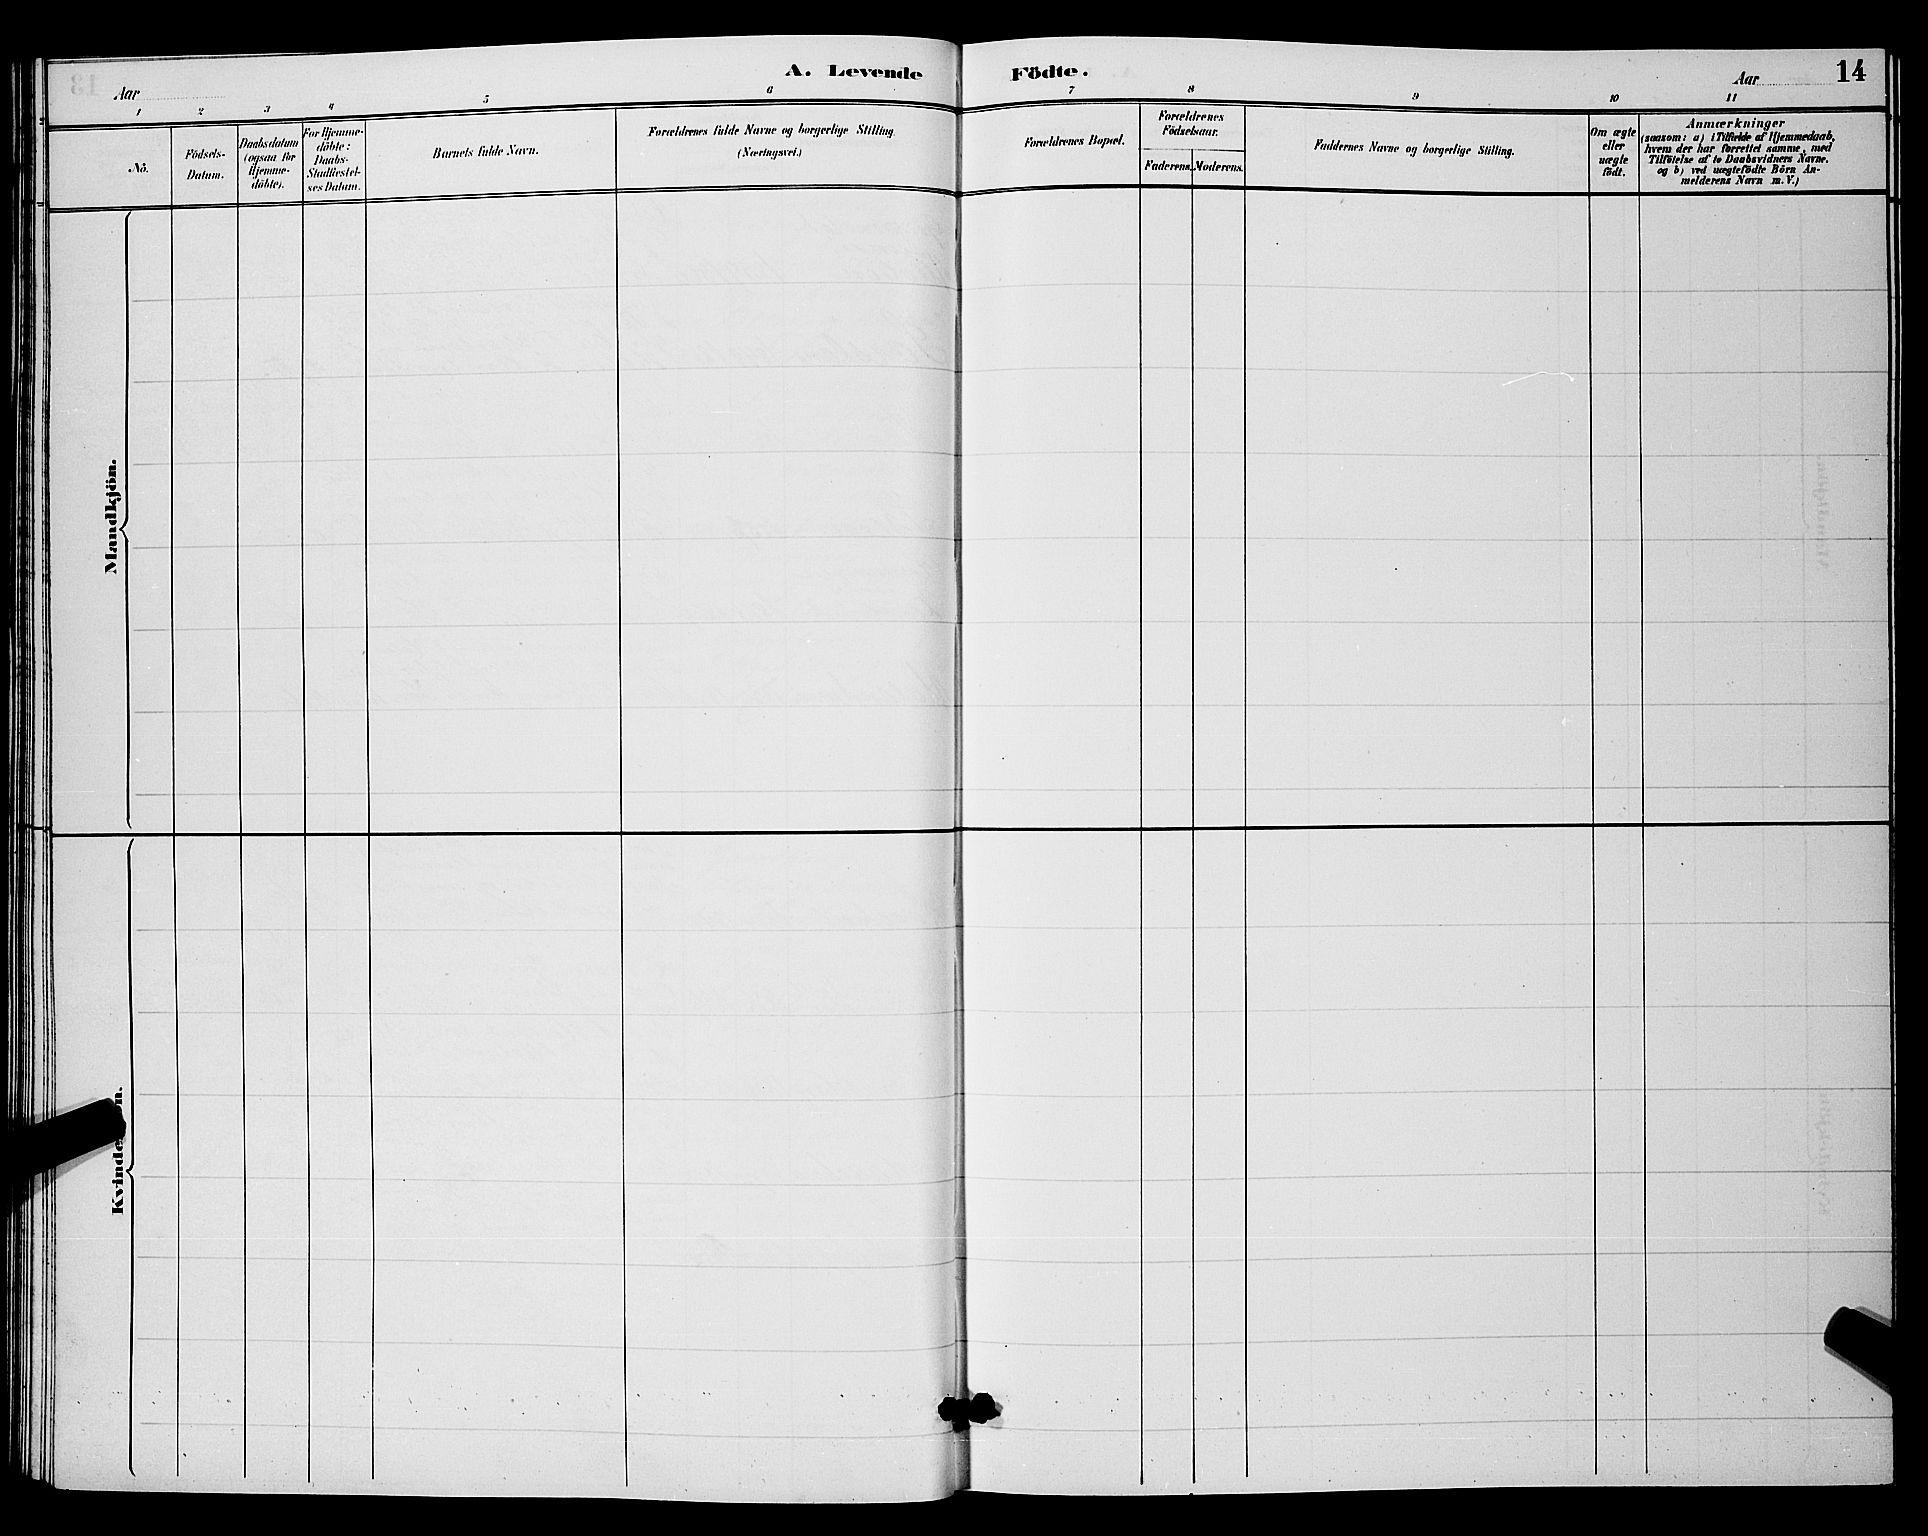 SAKO, Hjartdal kirkebøker, G/Ga/L0003: Klokkerbok nr. I 3, 1889-1896, s. 14